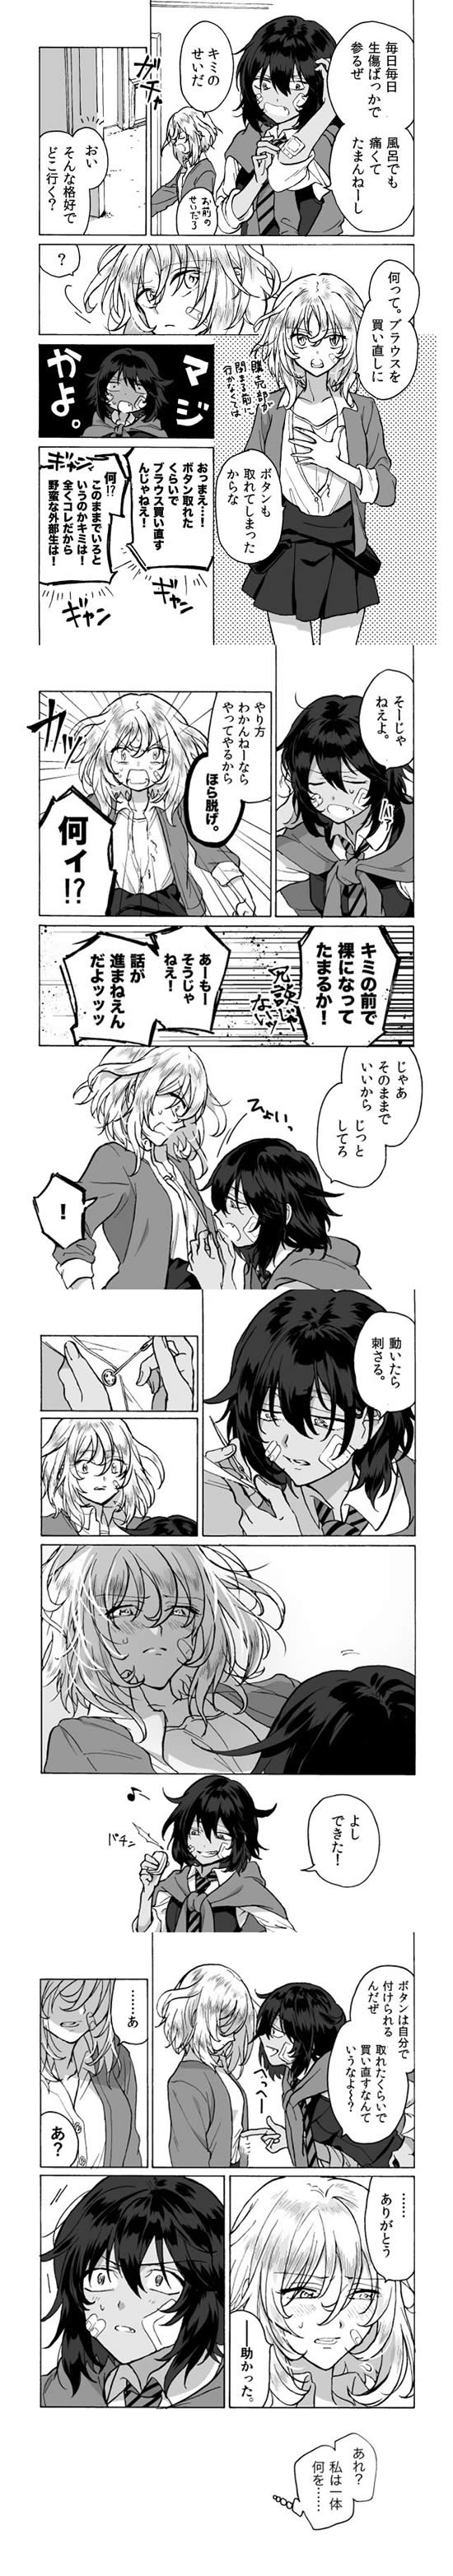 ガールズ&パンツァー 安藤 押田 百合漫画